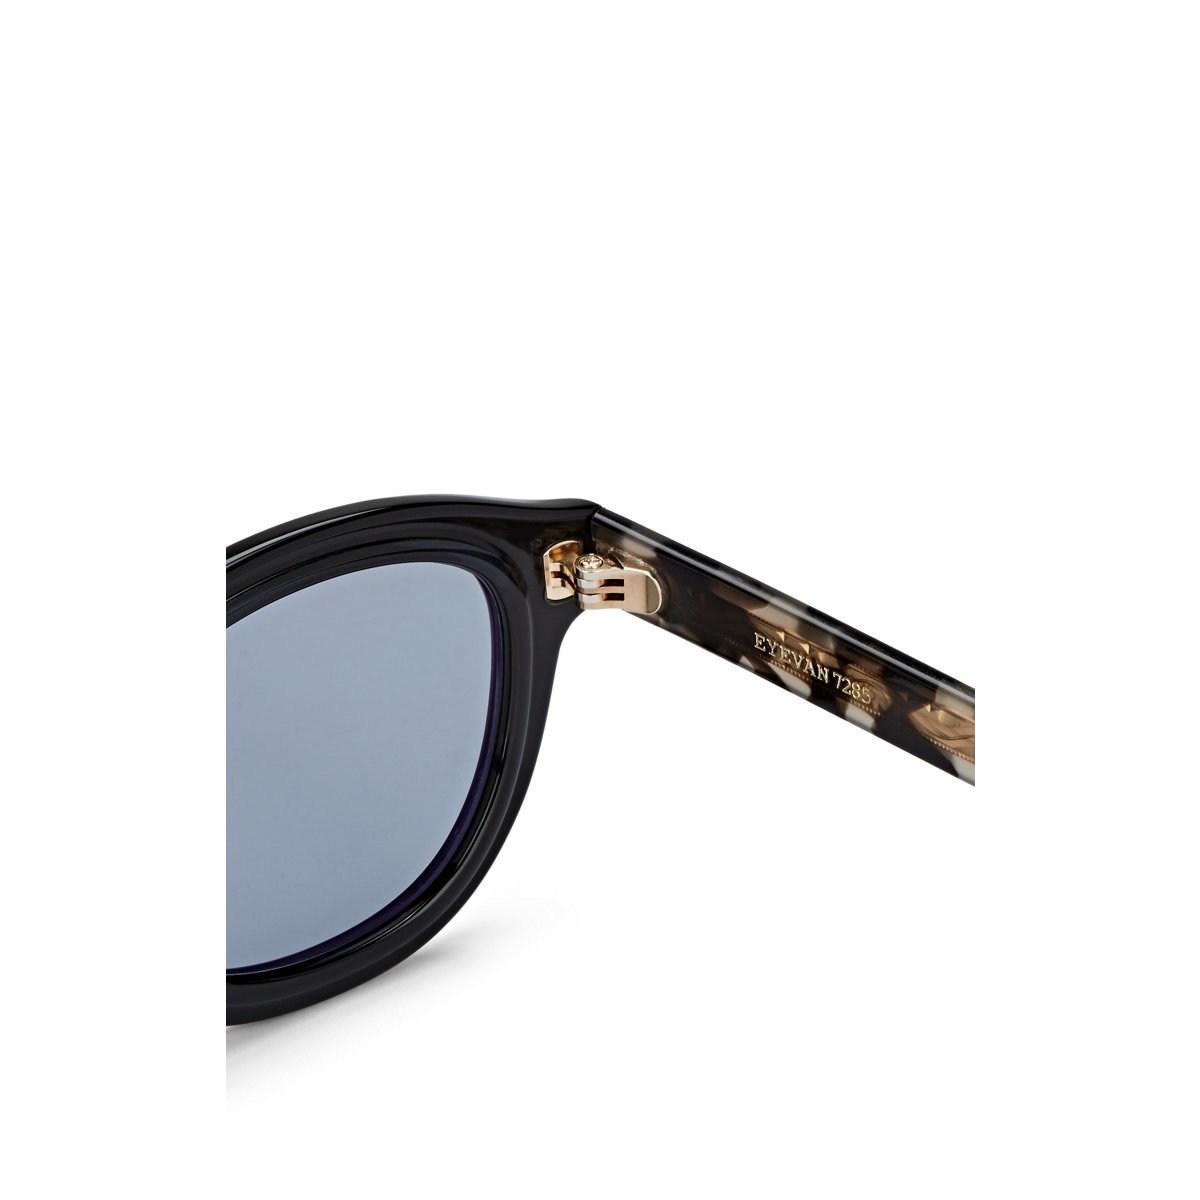 7e6f0fe41a Eyevan 7285 - Blue Model 314e Sunglasses for Men - Lyst. View fullscreen